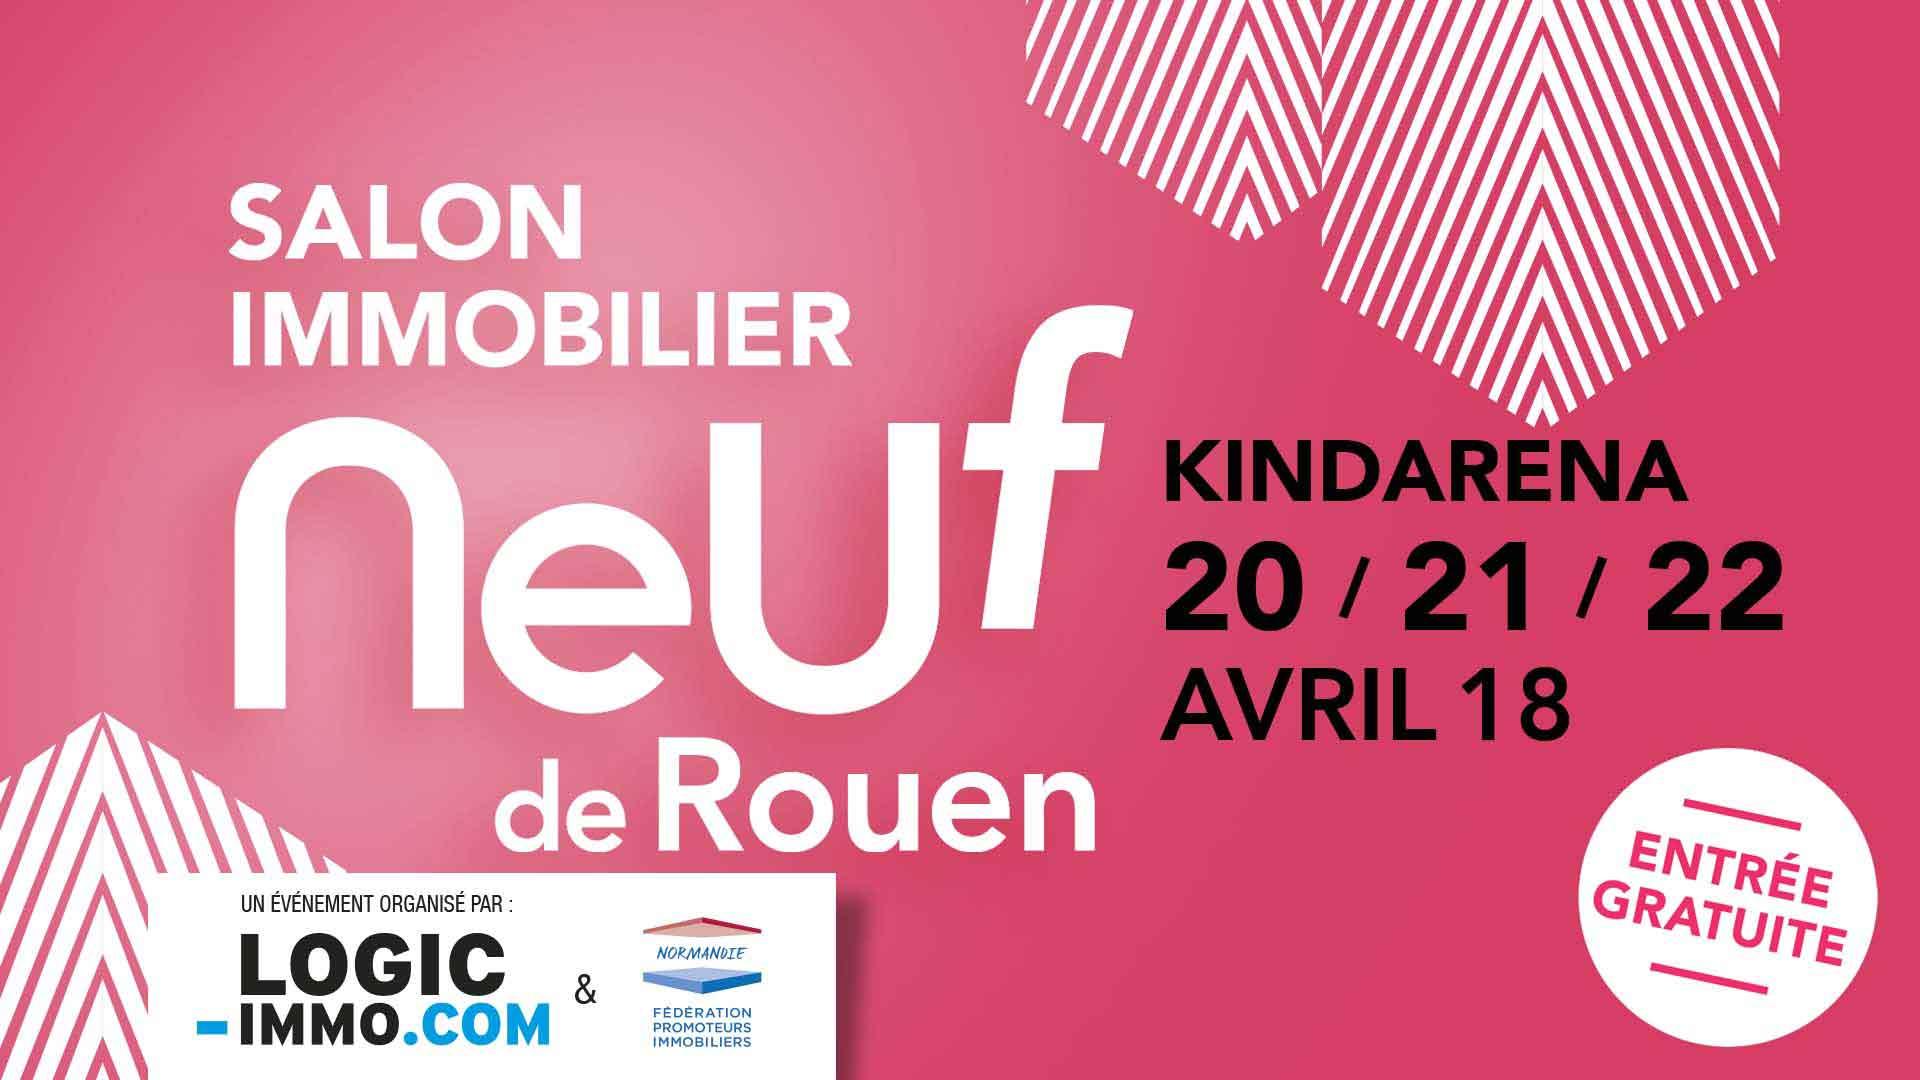 Limmobilier neuf tient salon  Rouen du 20 au 22 avril  Journal de lAgence